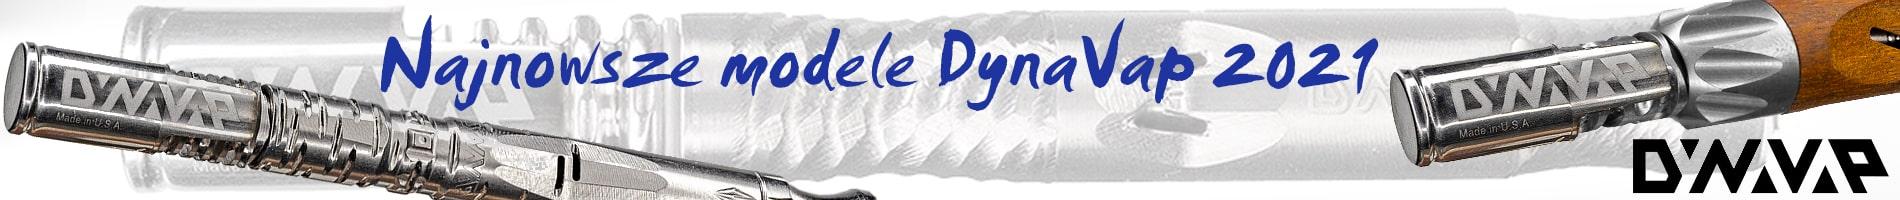 DynaVap 2021